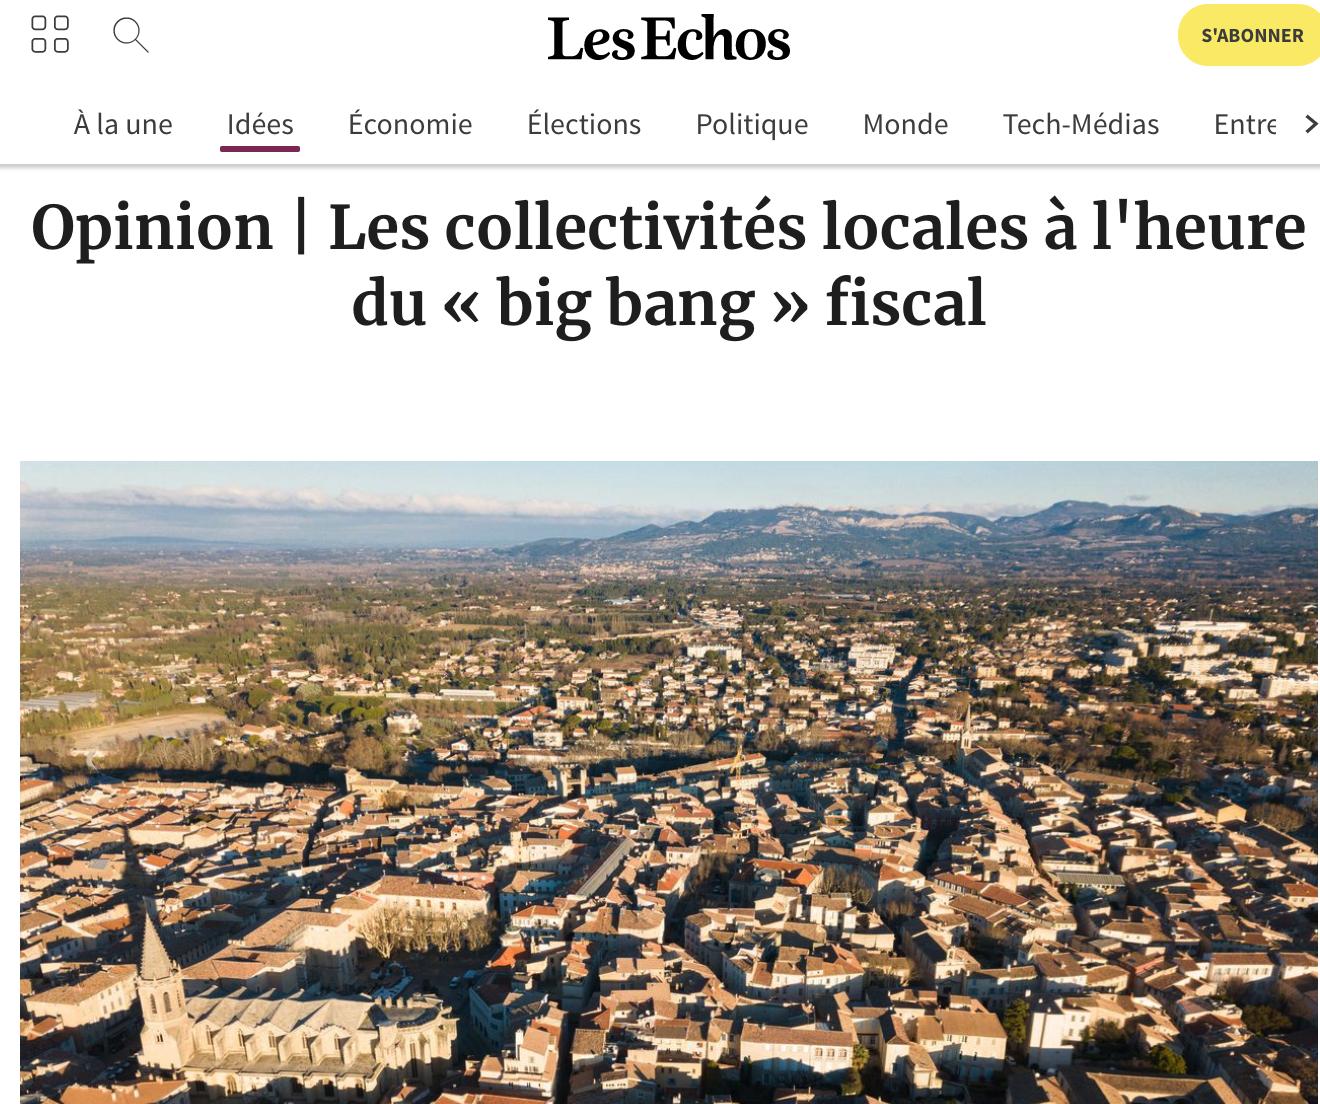 Les collectivités locales à l'heure du « big bang » fiscal